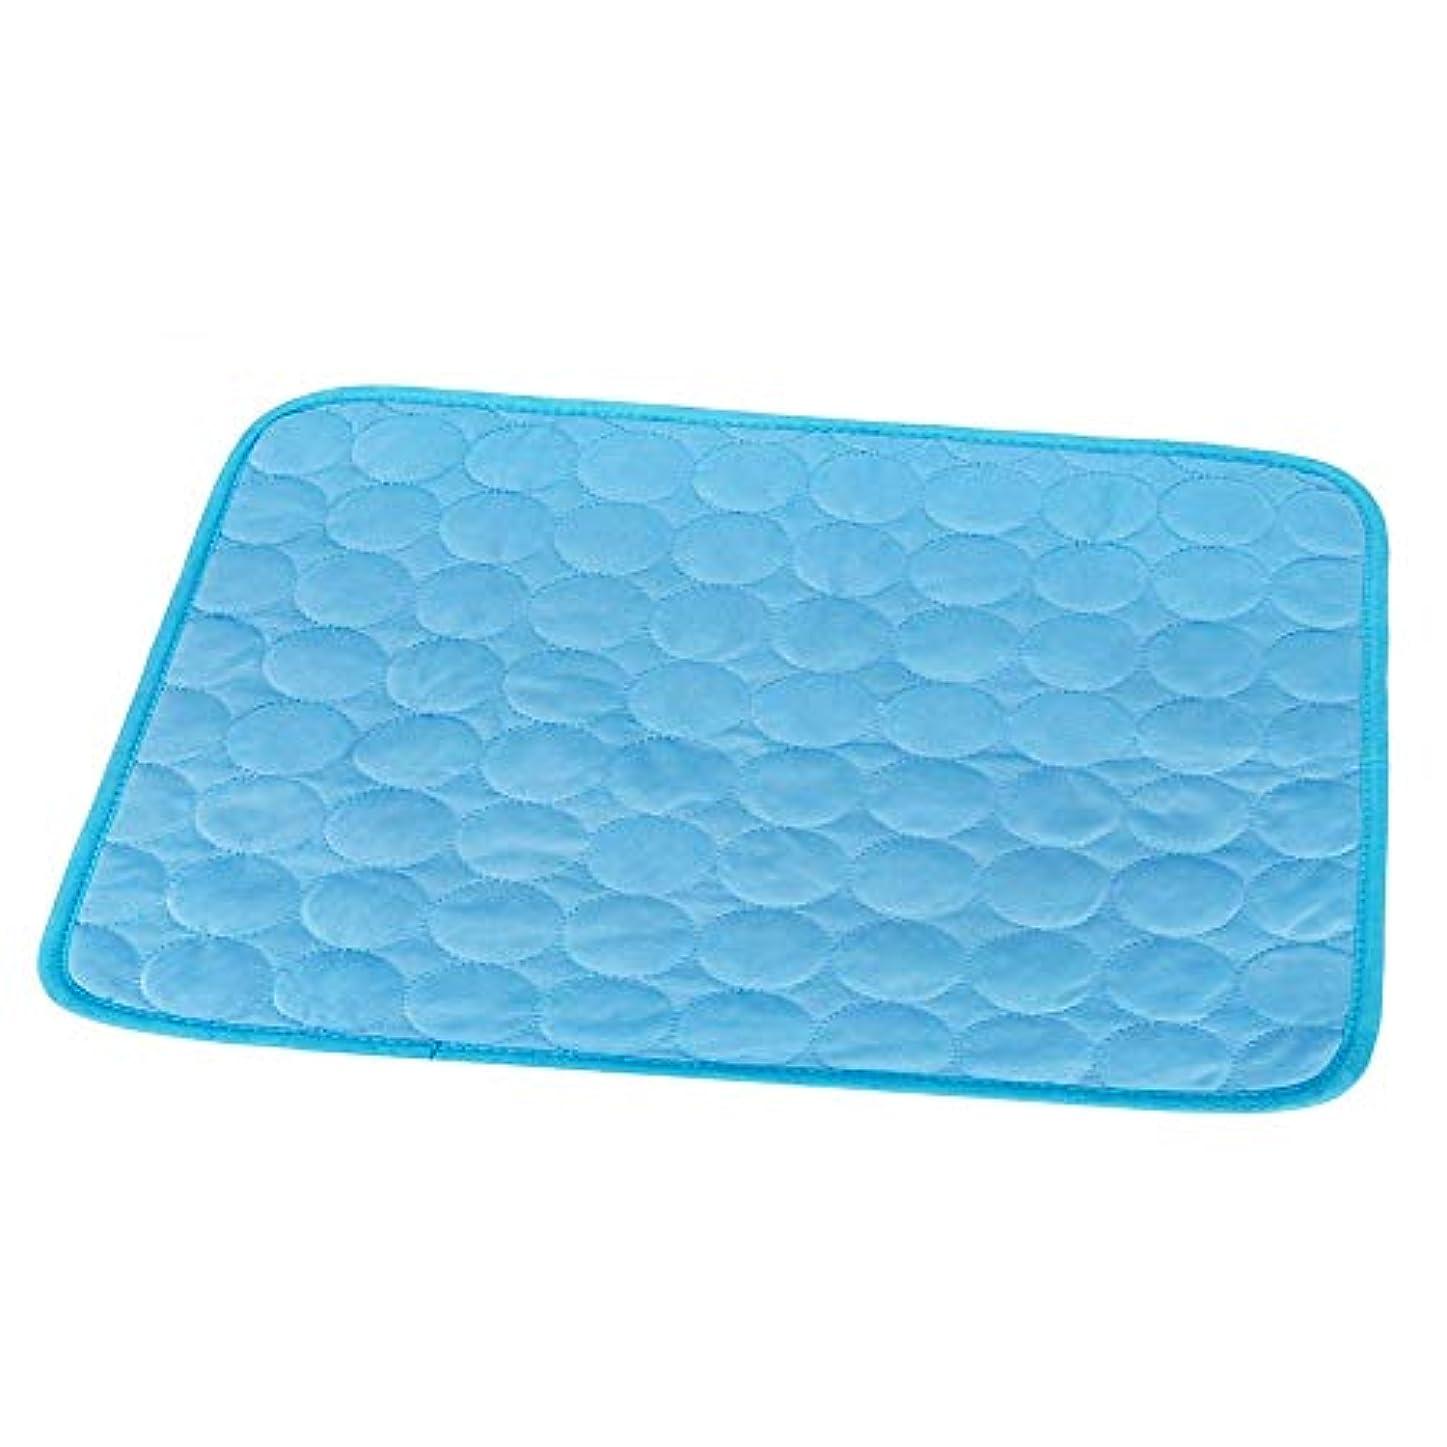 同一のハッピー不十分クールマット ひんやりマット ひんやり枕 冷感敷きパッド タオル地 通気性が良い 接触冷感 涼感冷感クッション